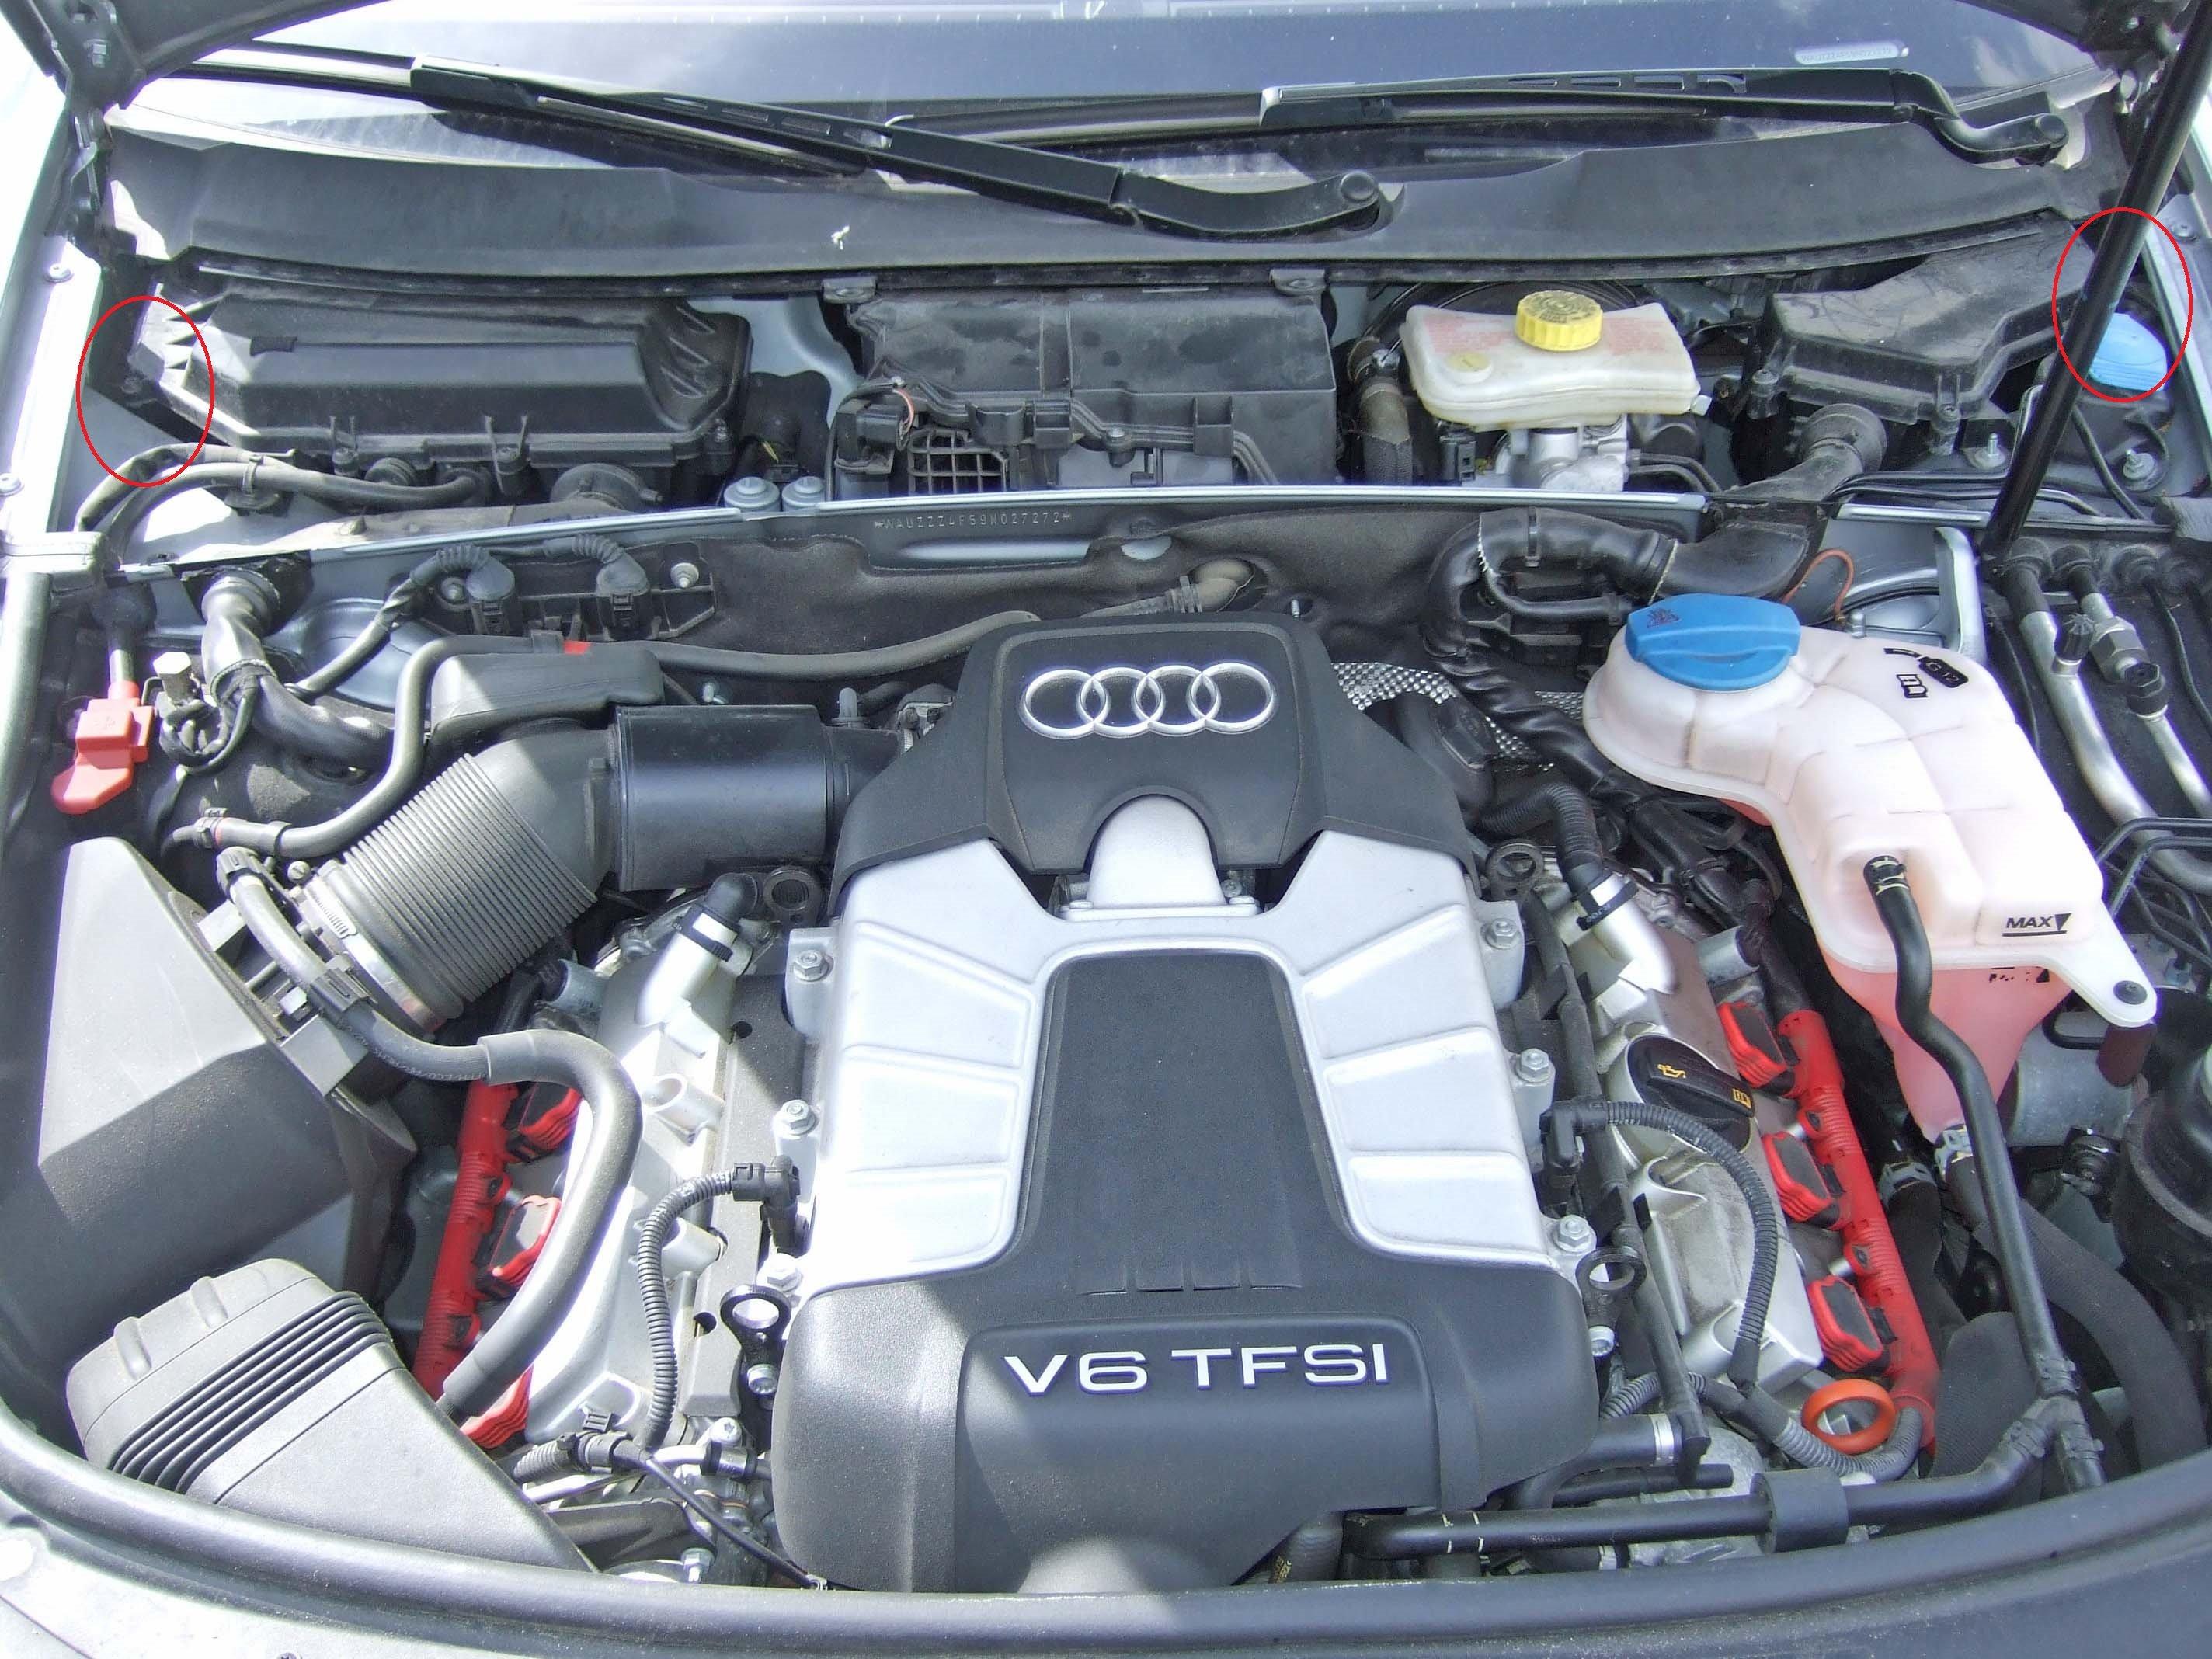 Guten Morgen Habe Wassereintritt Audi A6 4f 3 0 Tfsi Baujahr